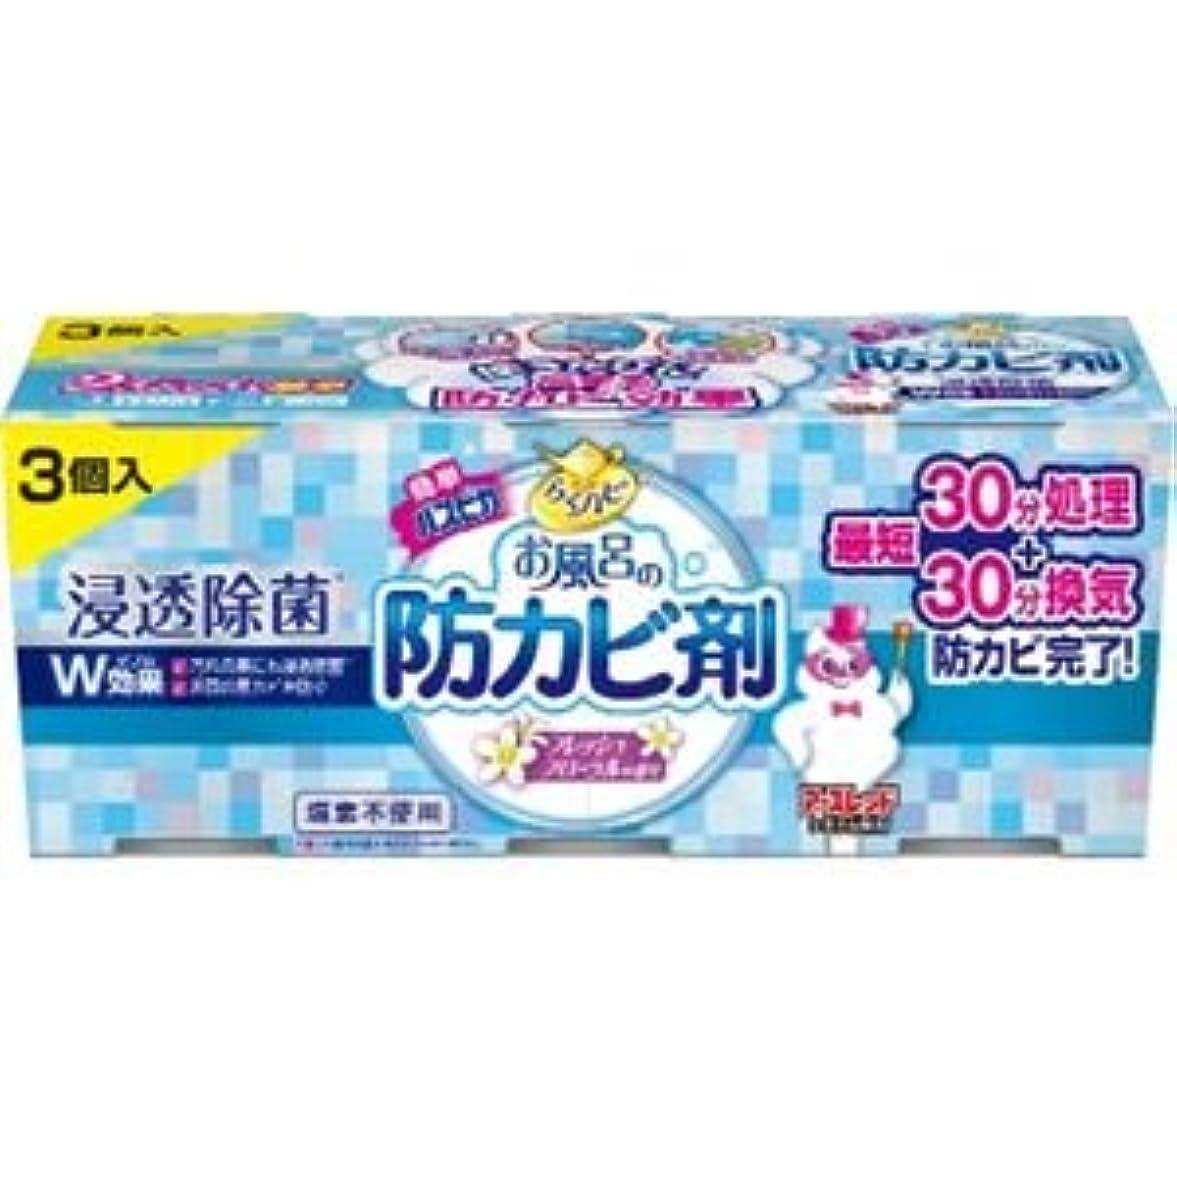 学習者好む乱気流(まとめ)アース製薬 らくハピお風呂の防カビ剤フローラル3個パック 【×3点セット】